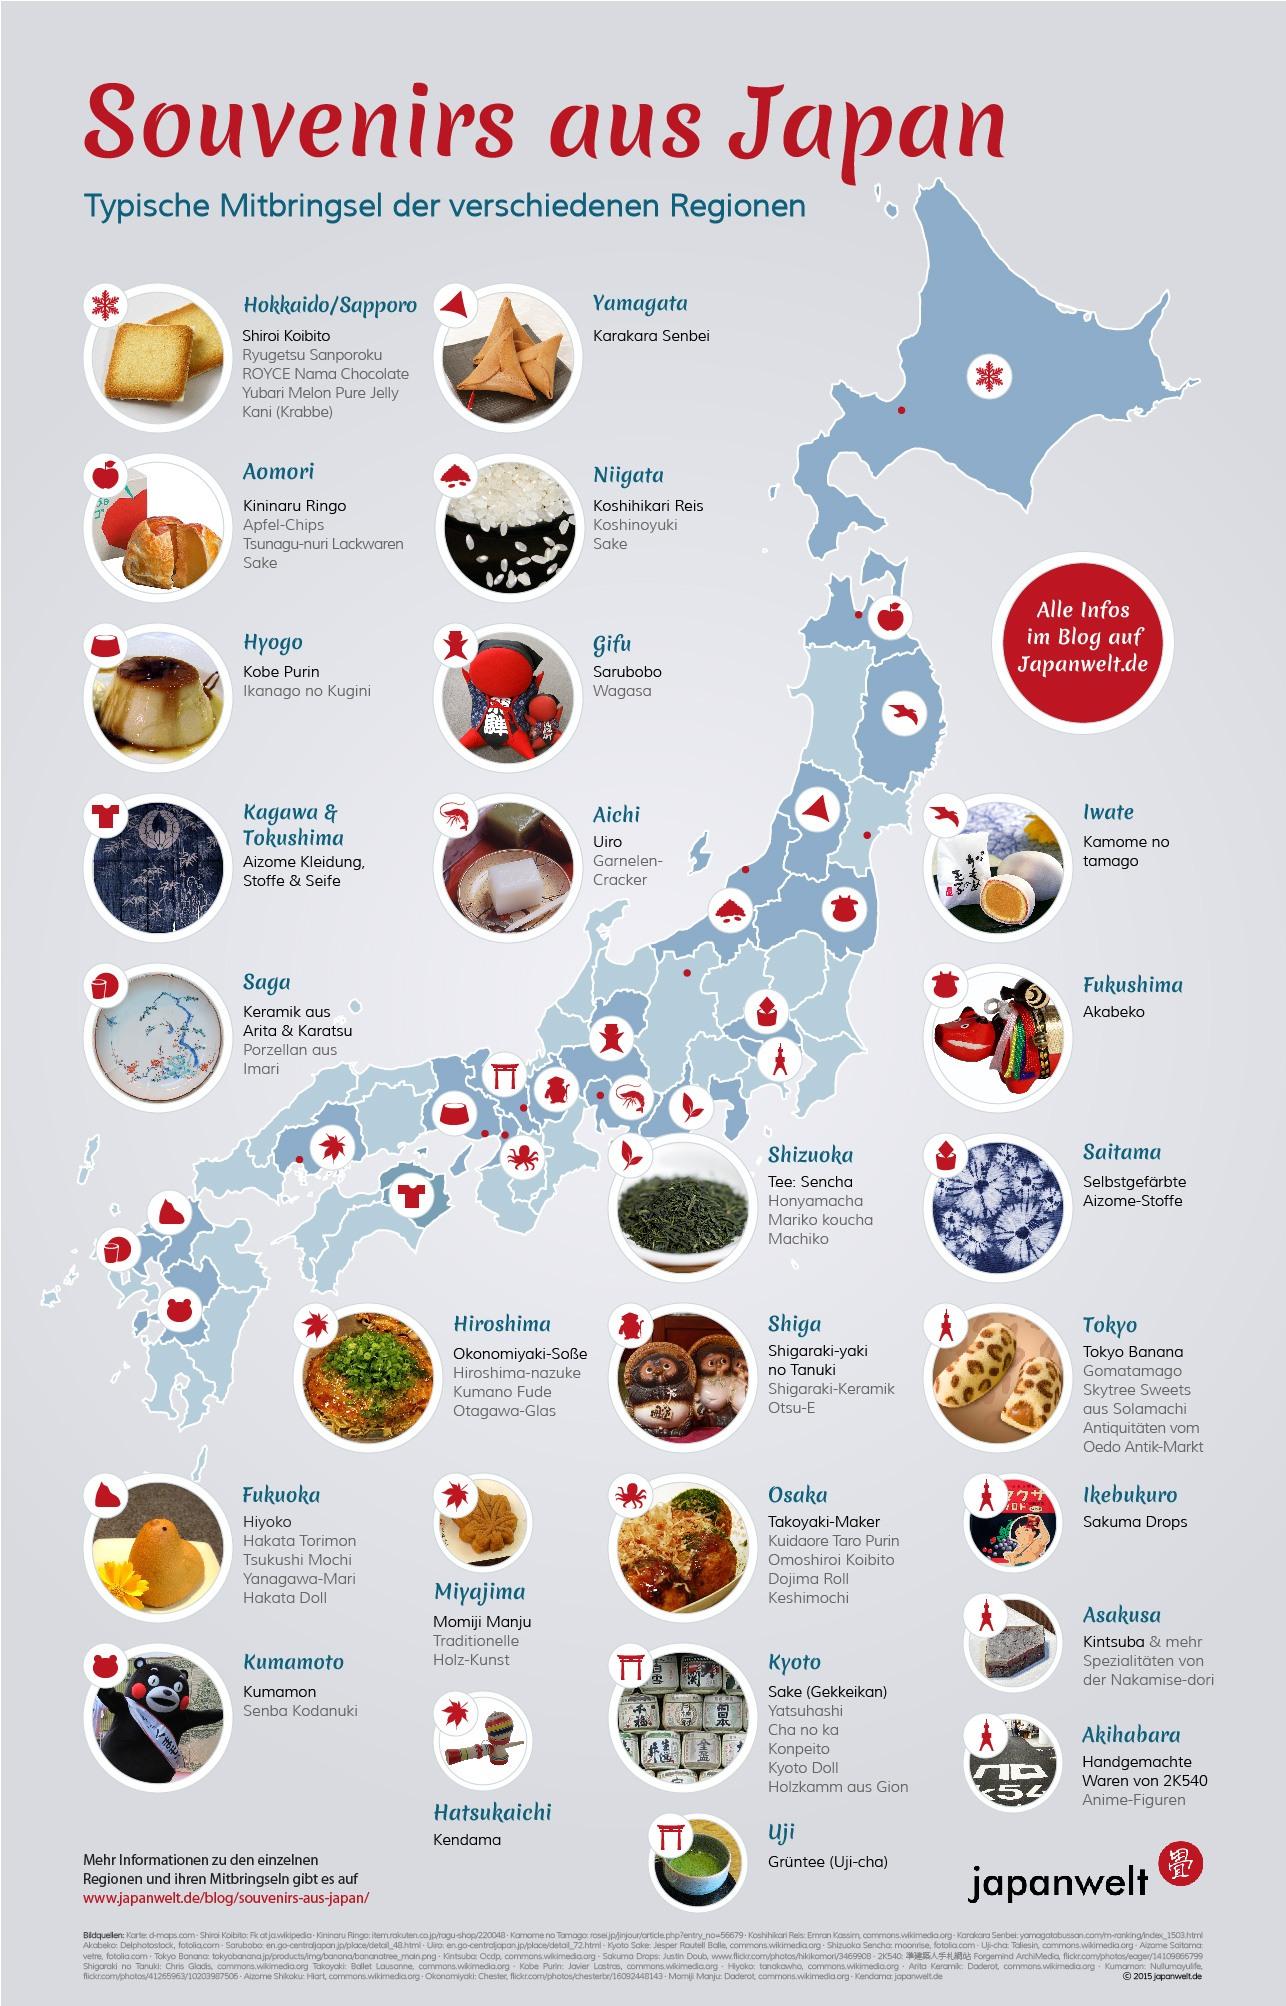 Die Regionen in Japan unterscheiden sich nicht nur geografisch und klimatisch, sondern auch kulturell. Welche Japan Souvenirs in den einzelnen Präfekturen besonders beliebt sind, zeigt diese Infografik.